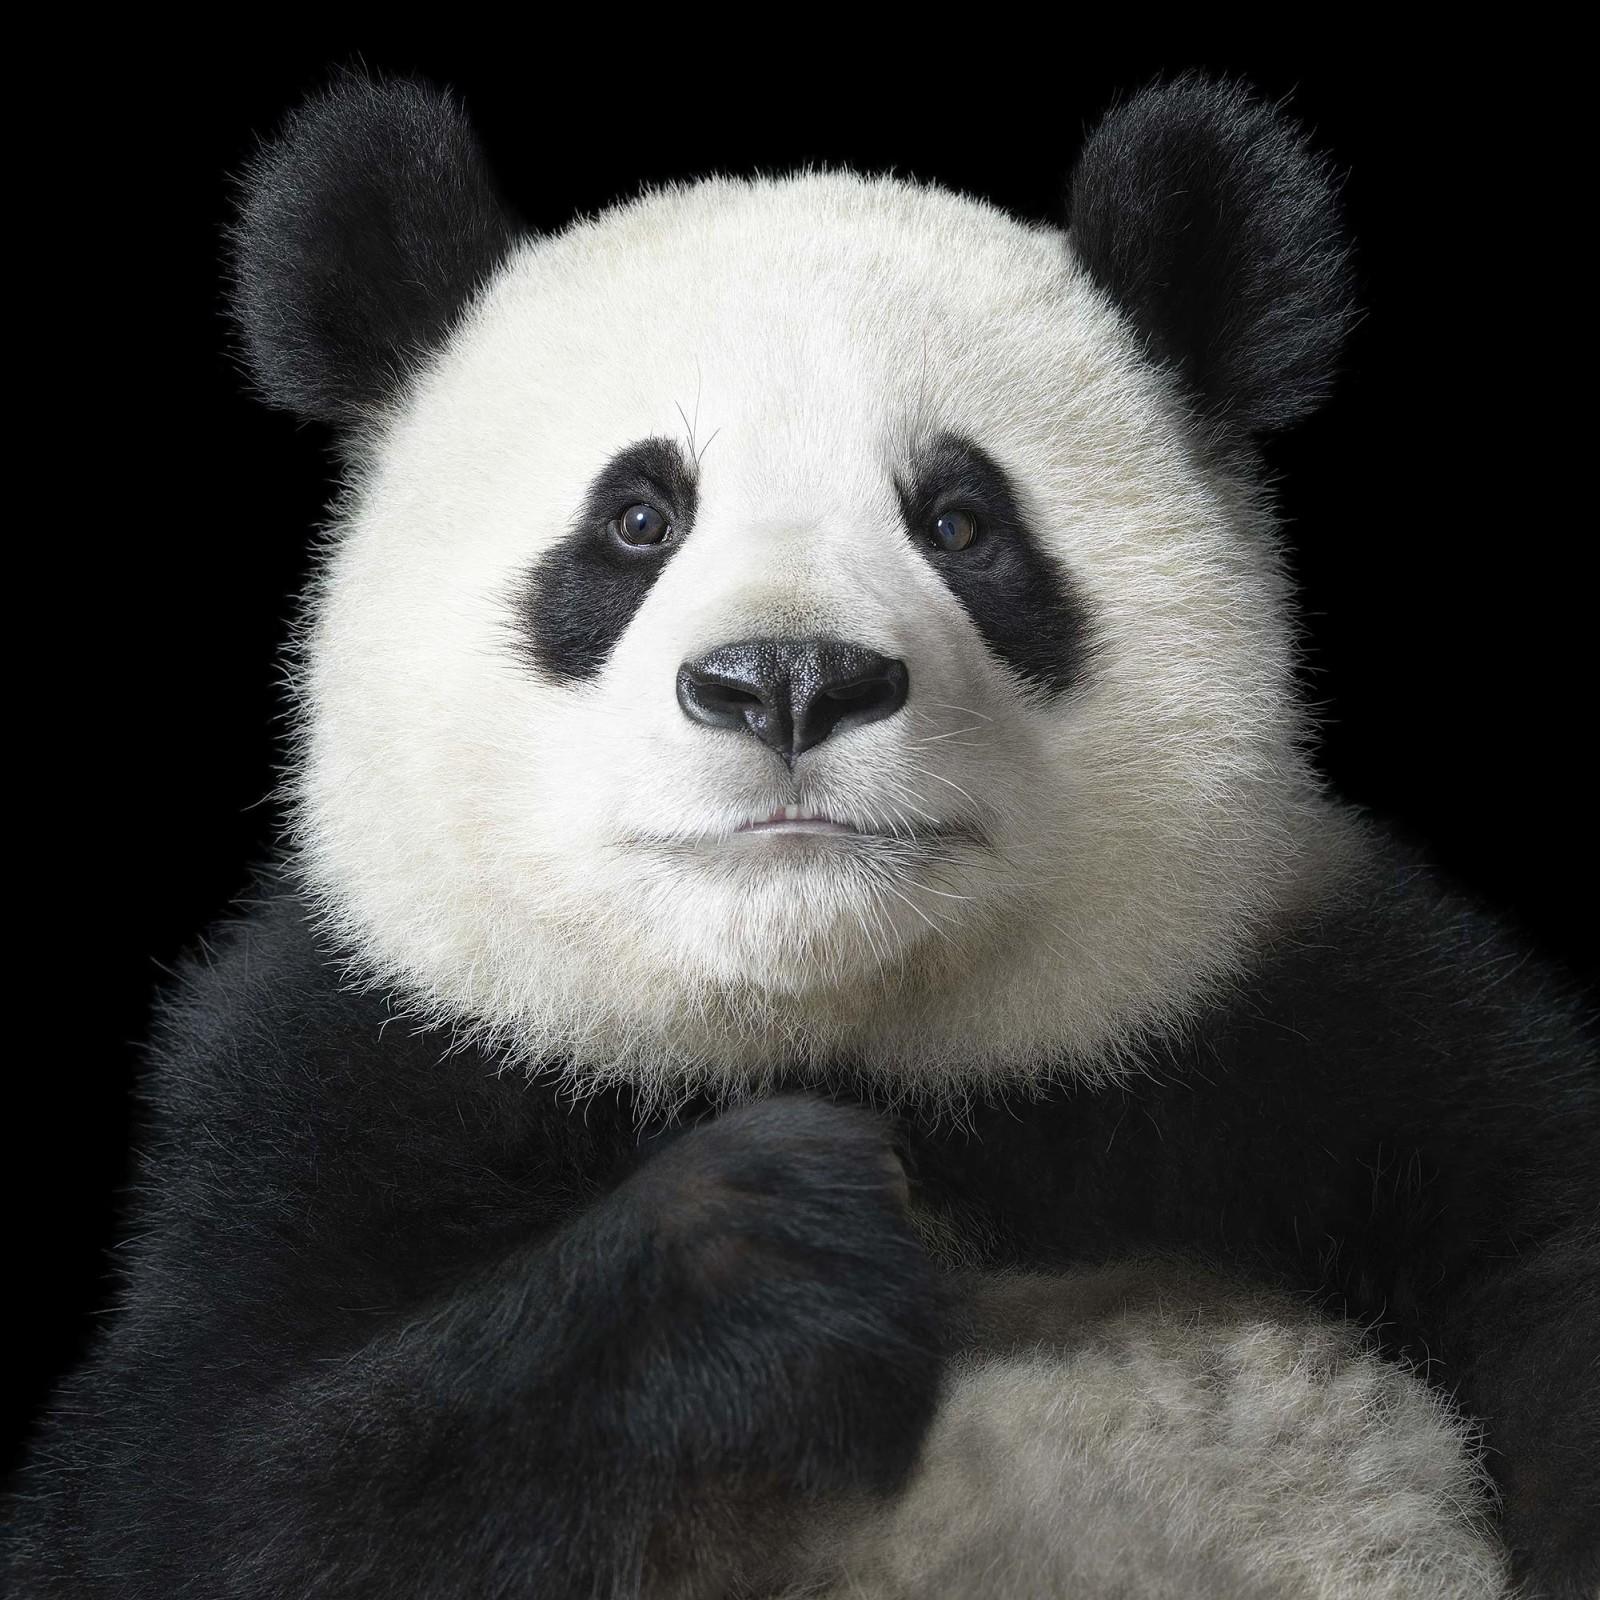 panda-1600x1600